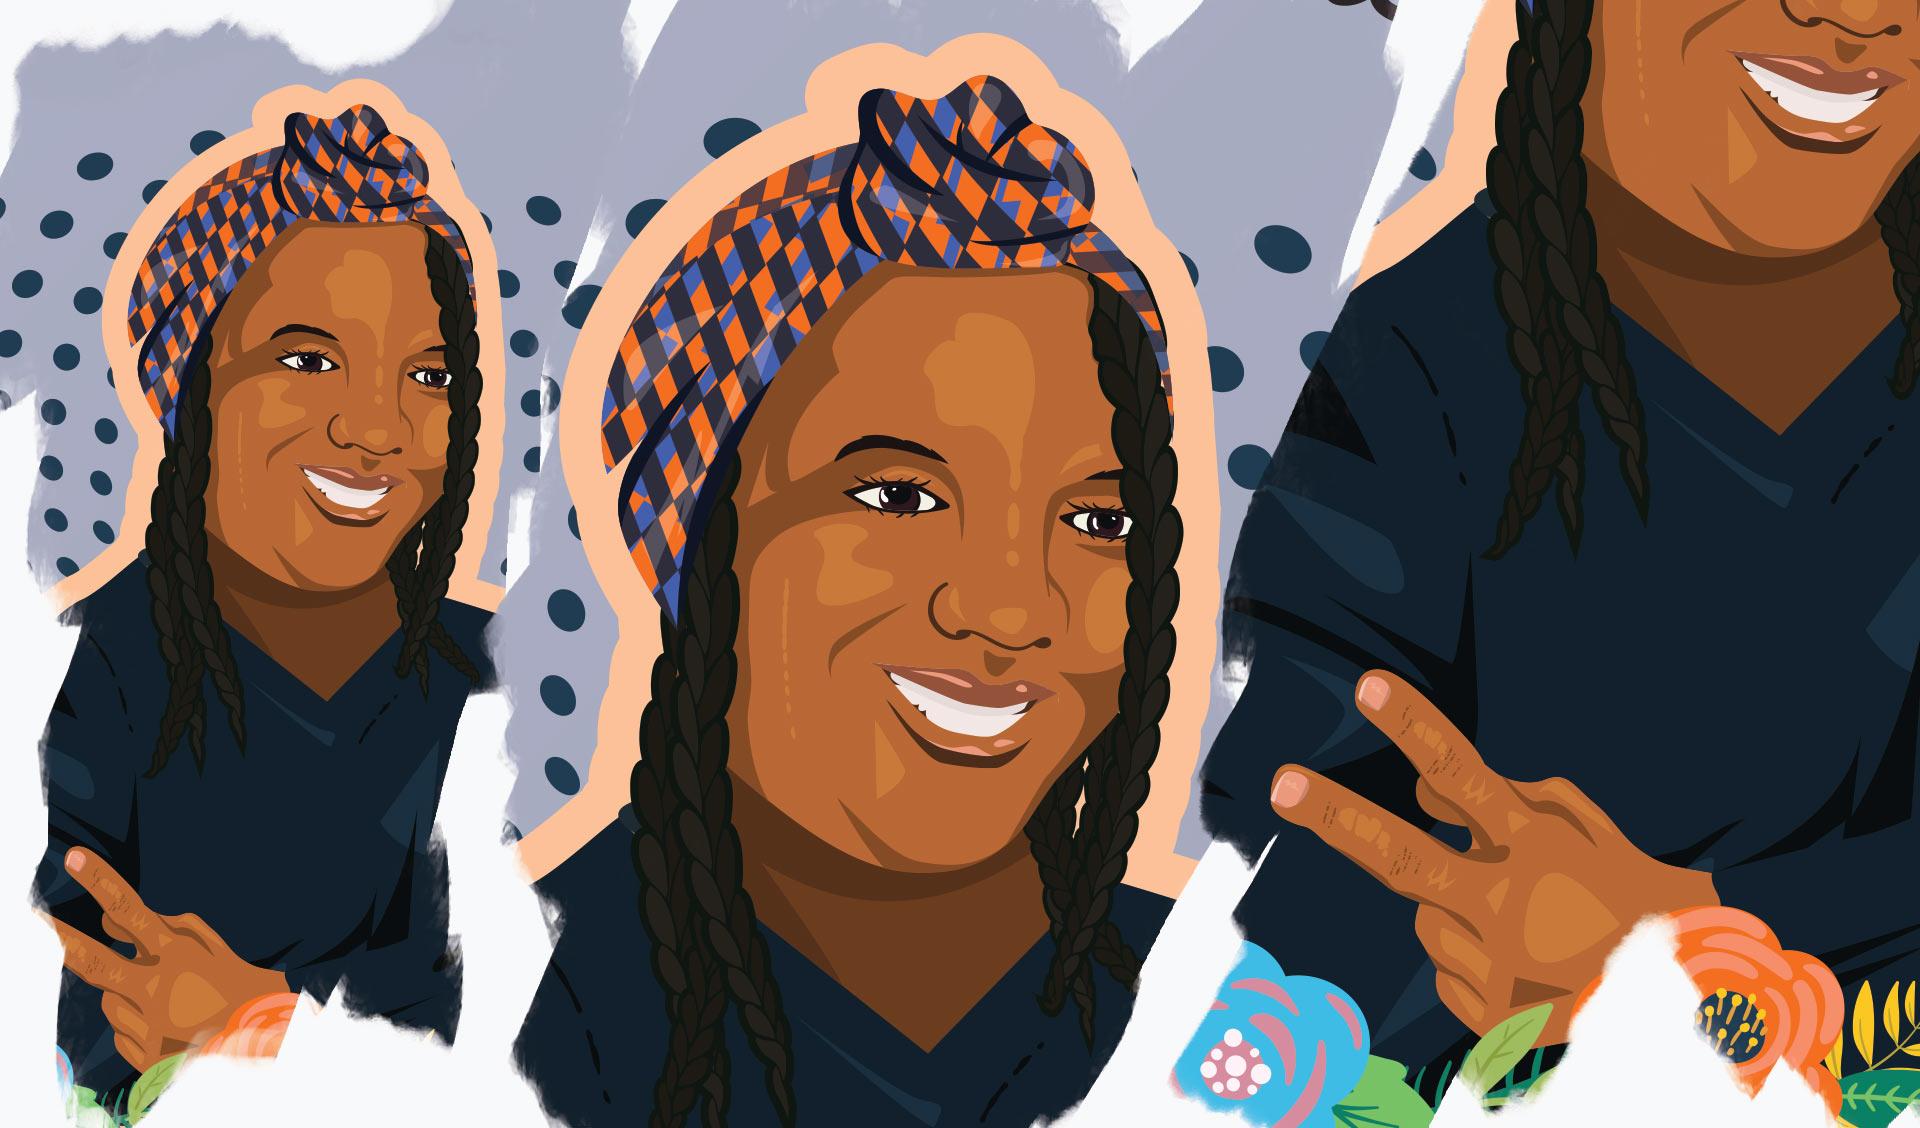 Kayla Moore illustration details.